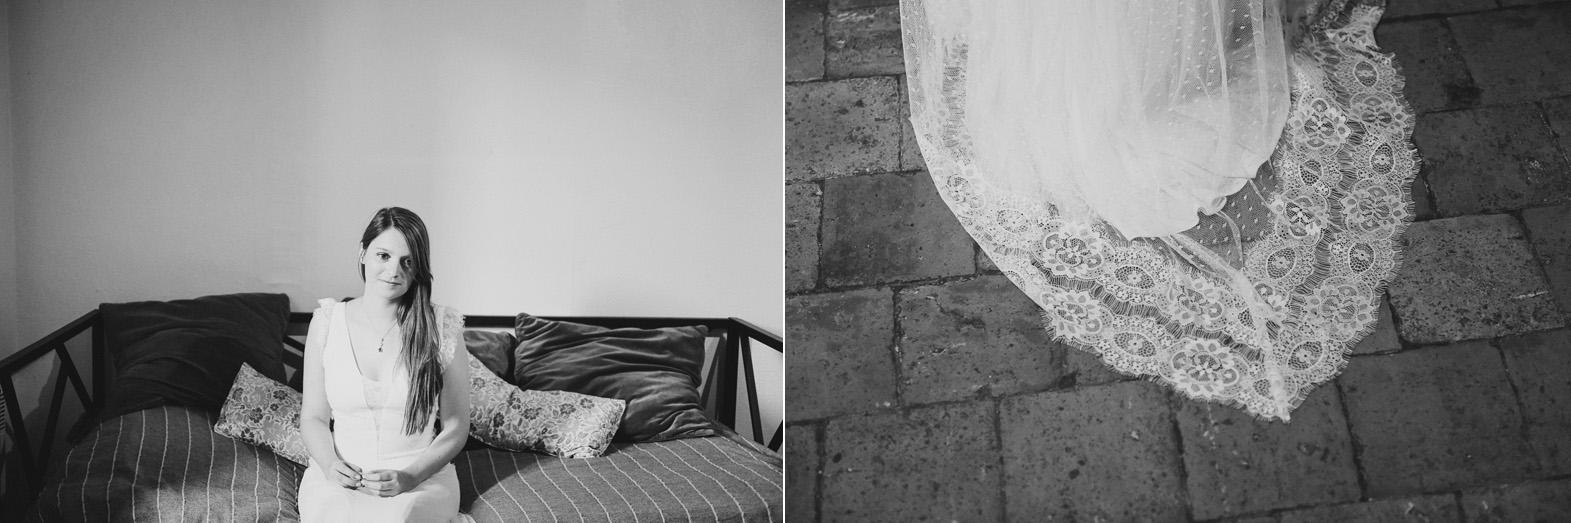 mariage_MT_les Faucheries_72_Sarthe_photographie_clemence_dubois_MEP 5